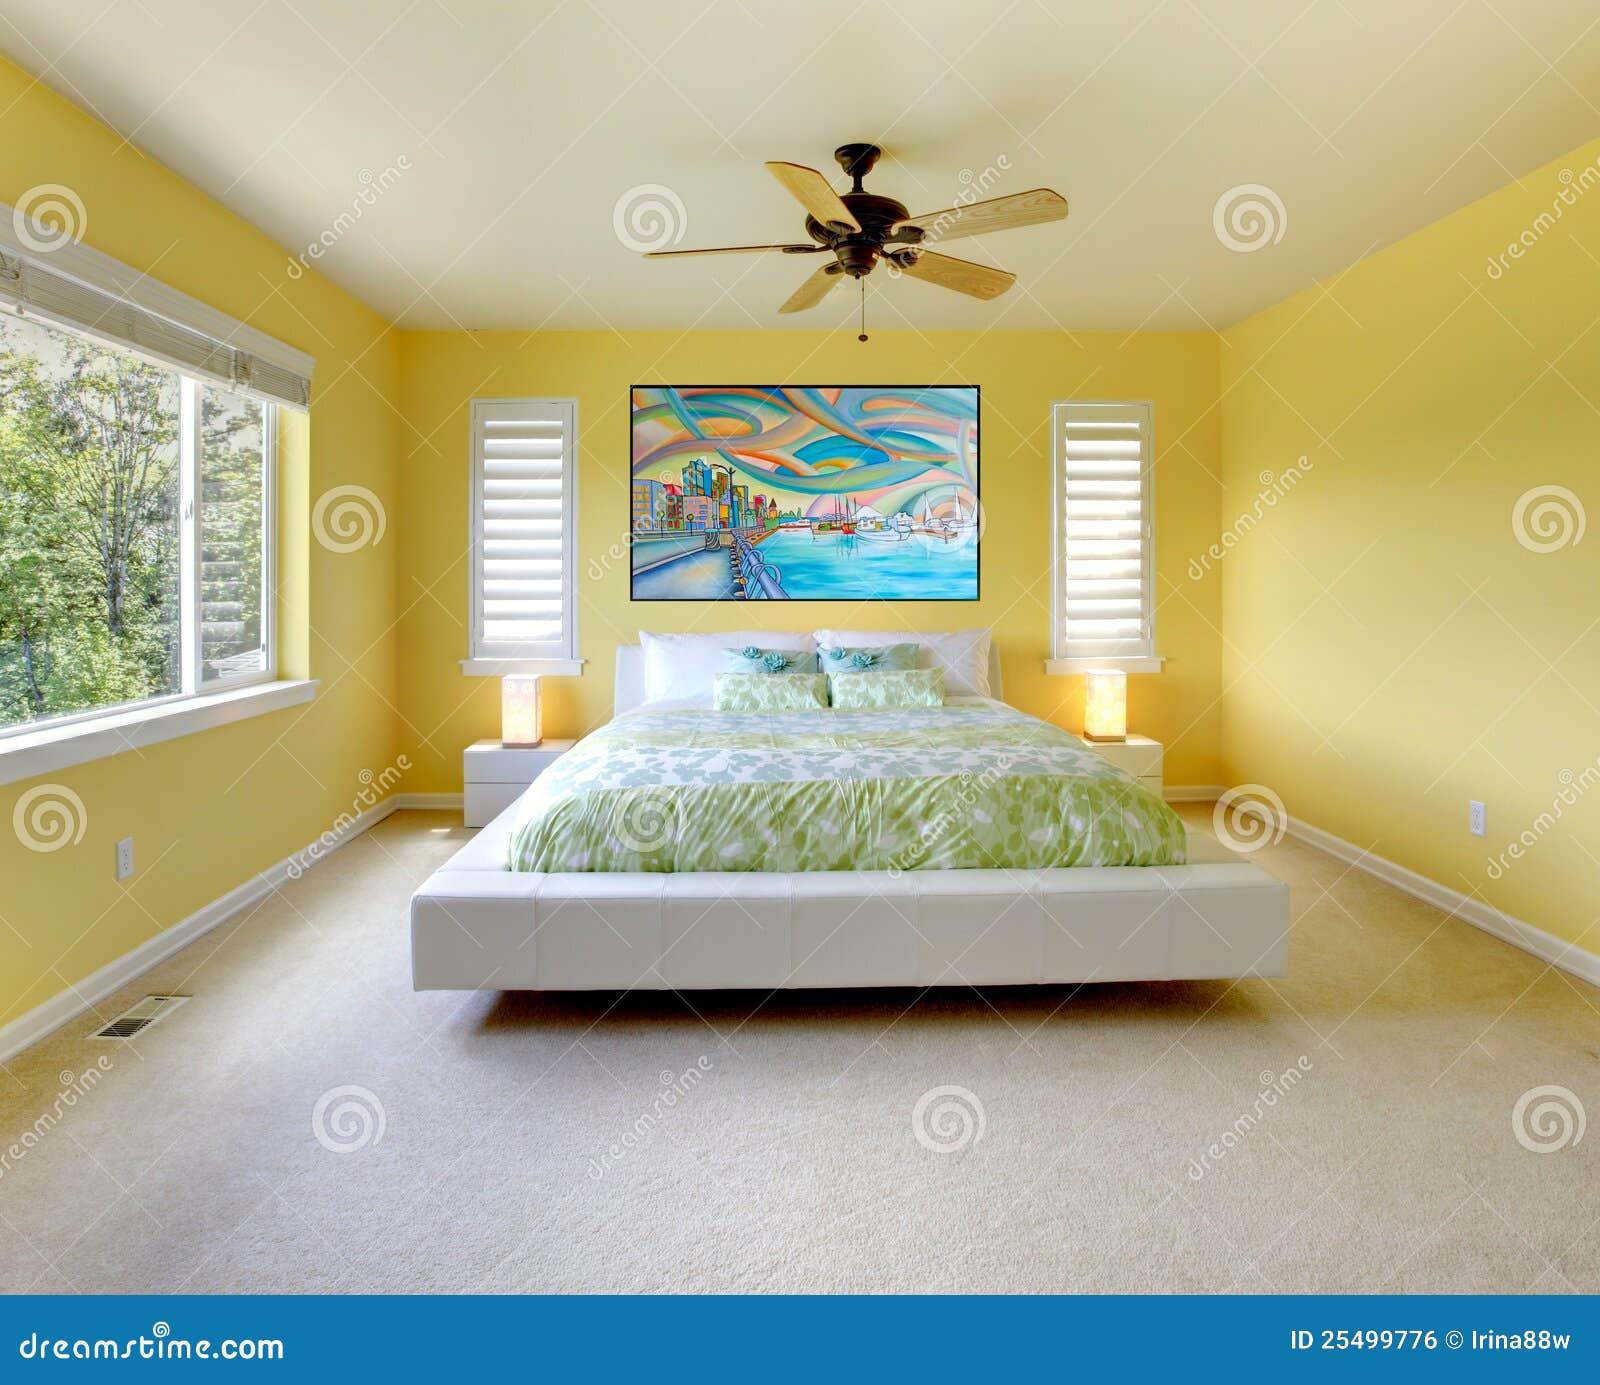 Gelbes Modernes Schlafzimmer Mit Weißem Bett. Lizenzfreies